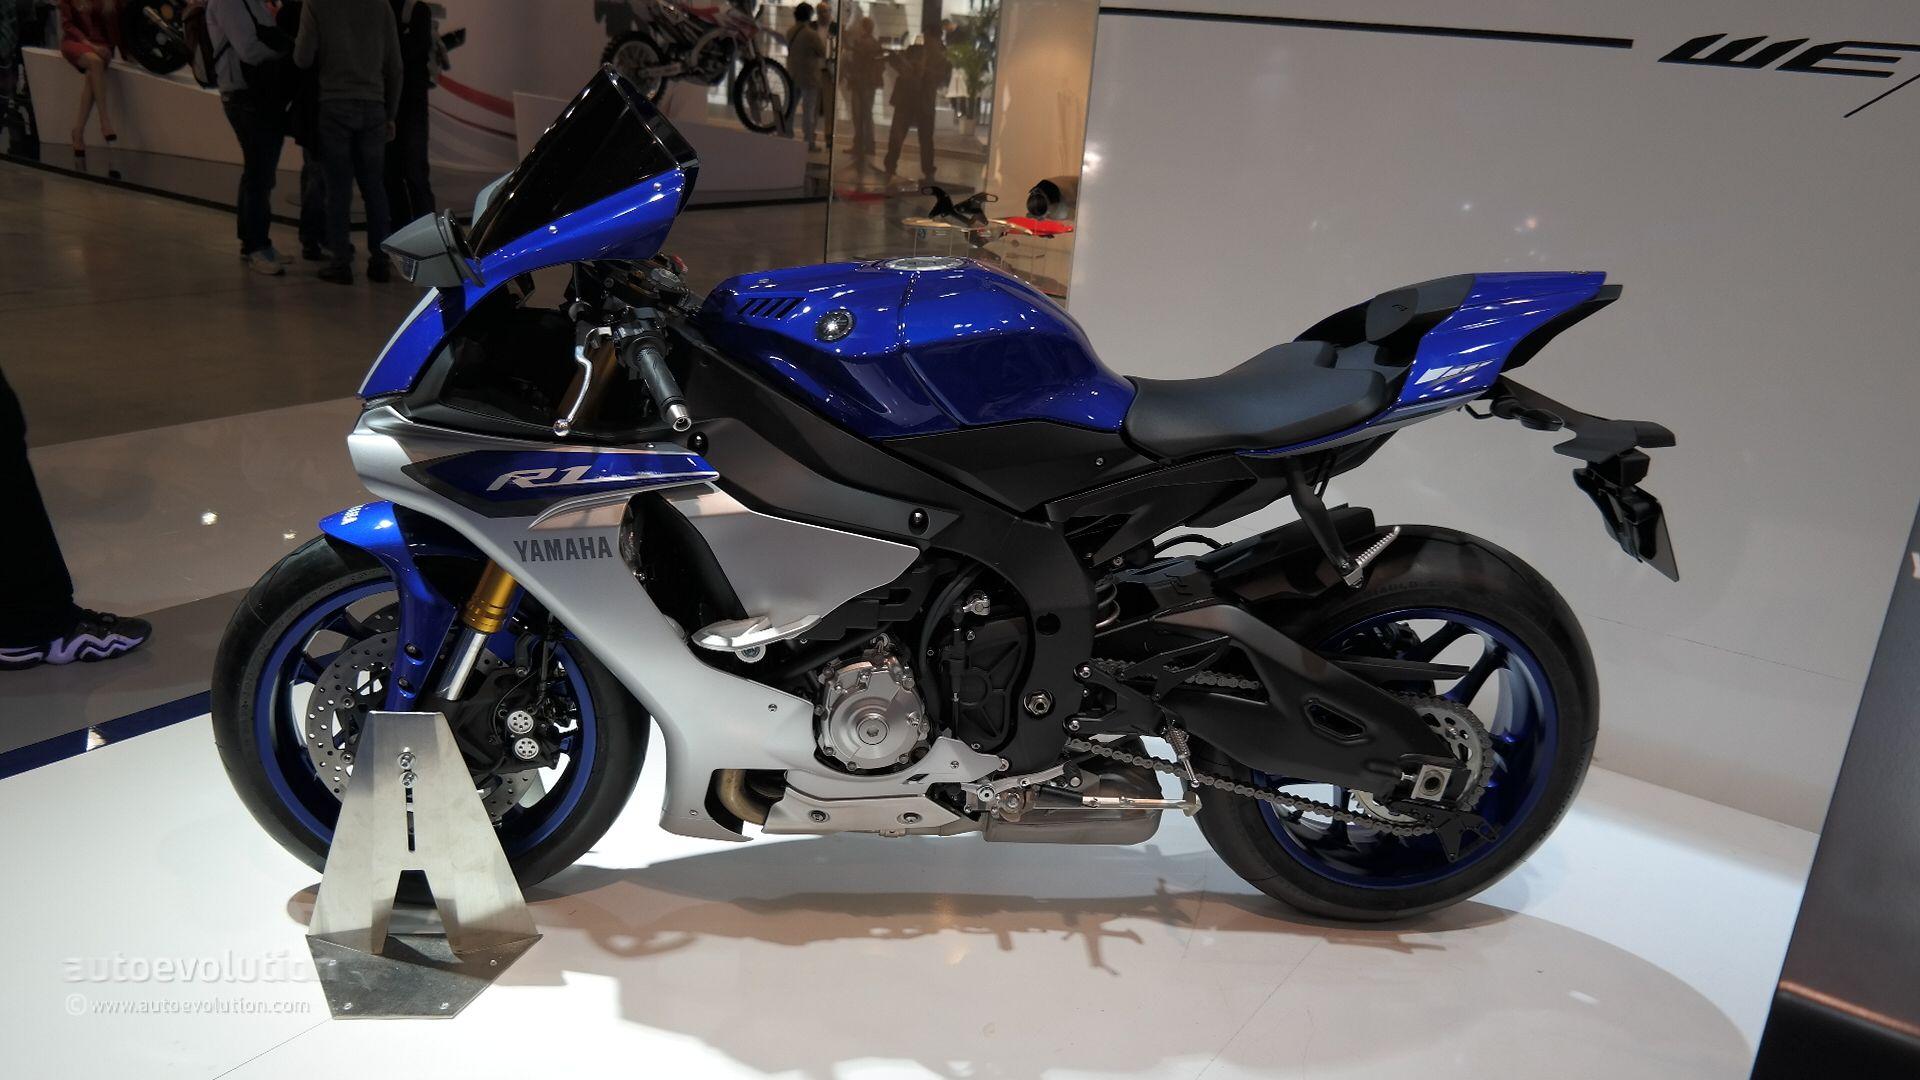 2017 Yamaha Yzf R1m